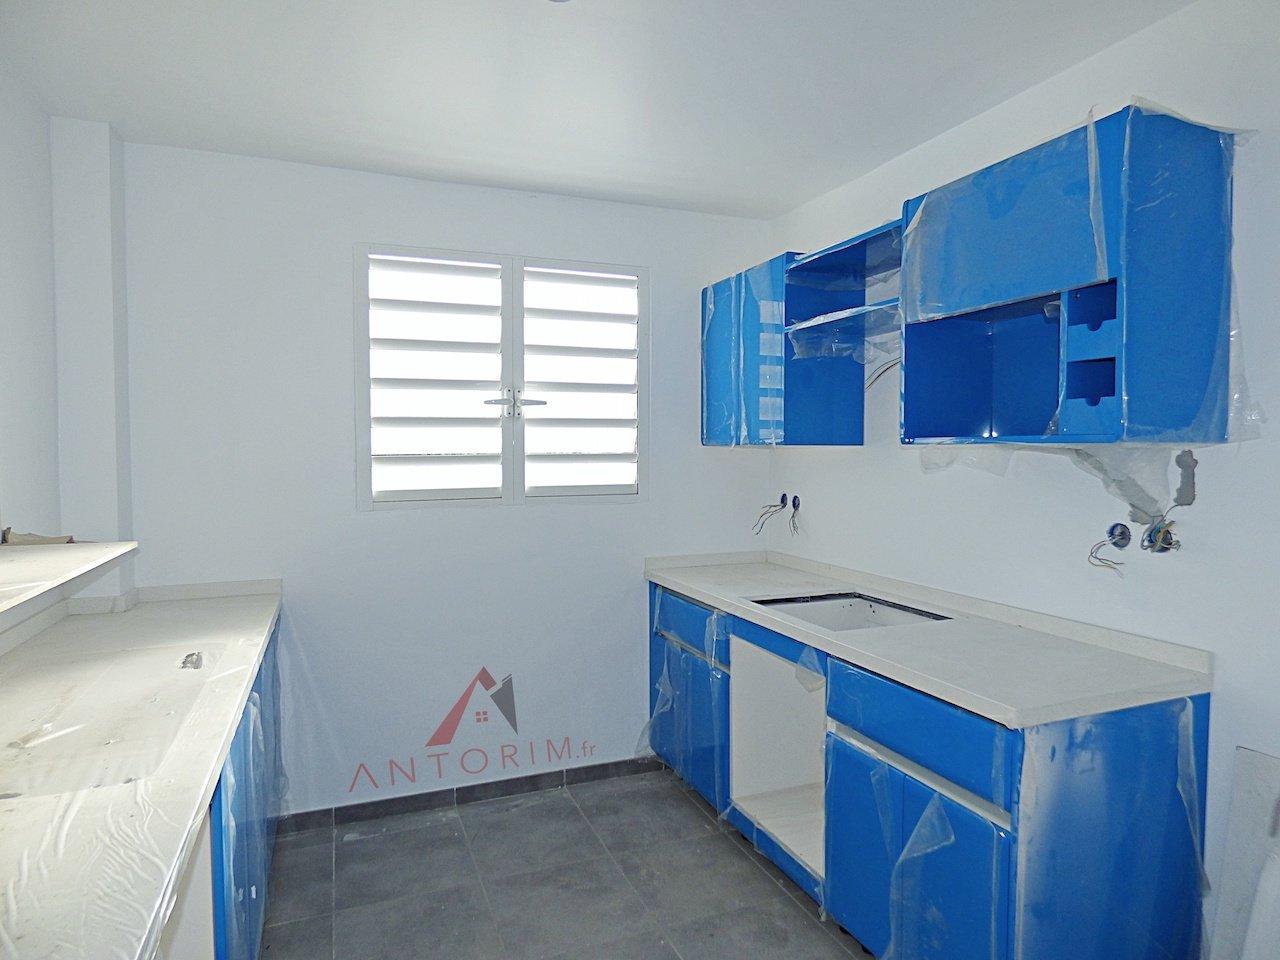 LES TROIS-ILETS  - Anse à l'Âne - Appartements Neufs T2 - T3 - Parkings - Caves